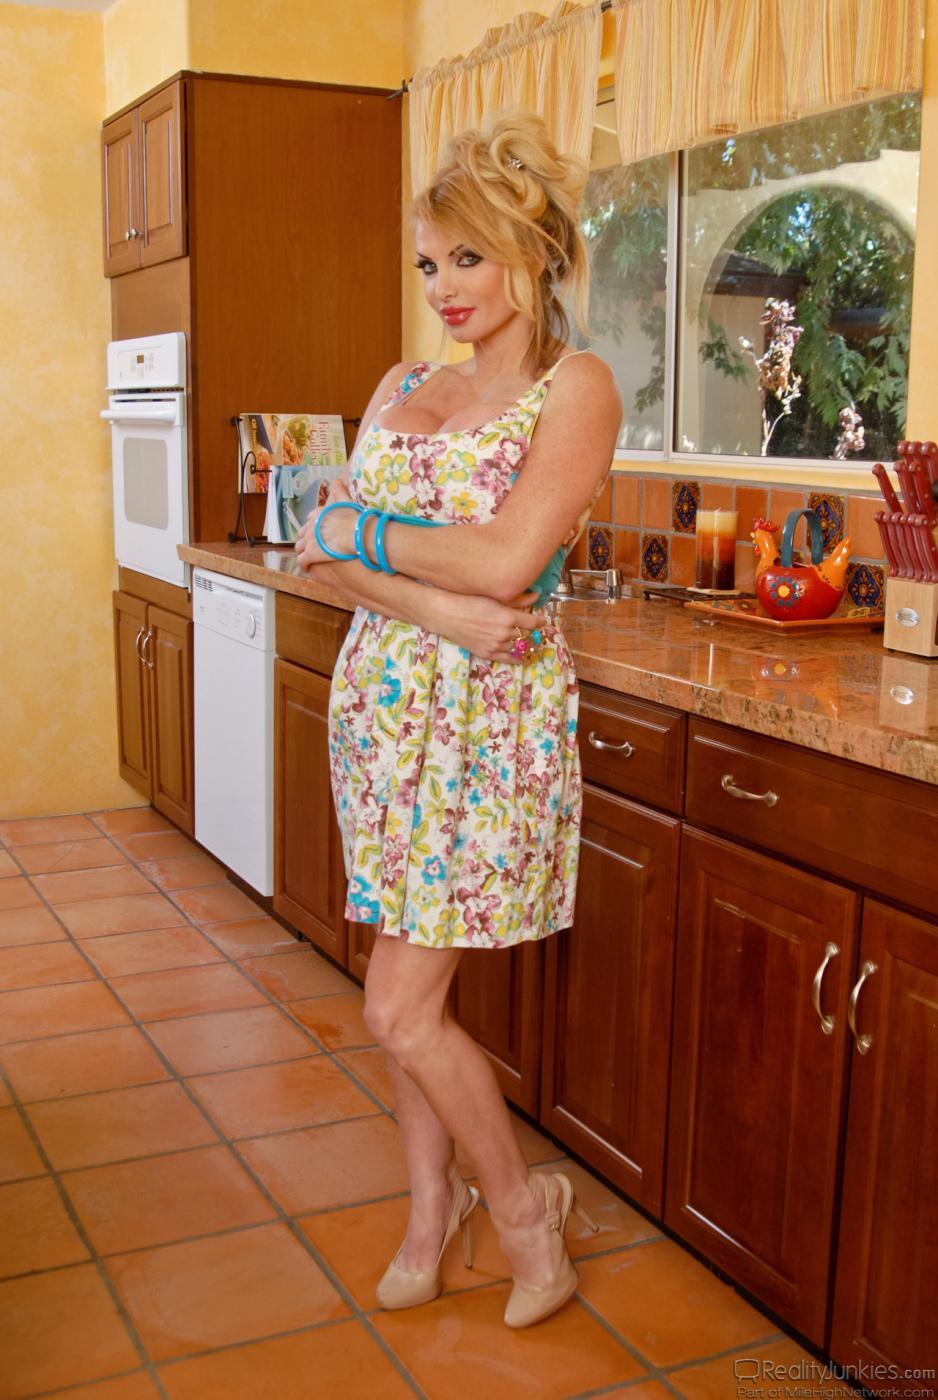 Горячая блондинка Taylor Wayne в нижнем белье выставляет напоказ свою гигантскую сраку и грудь